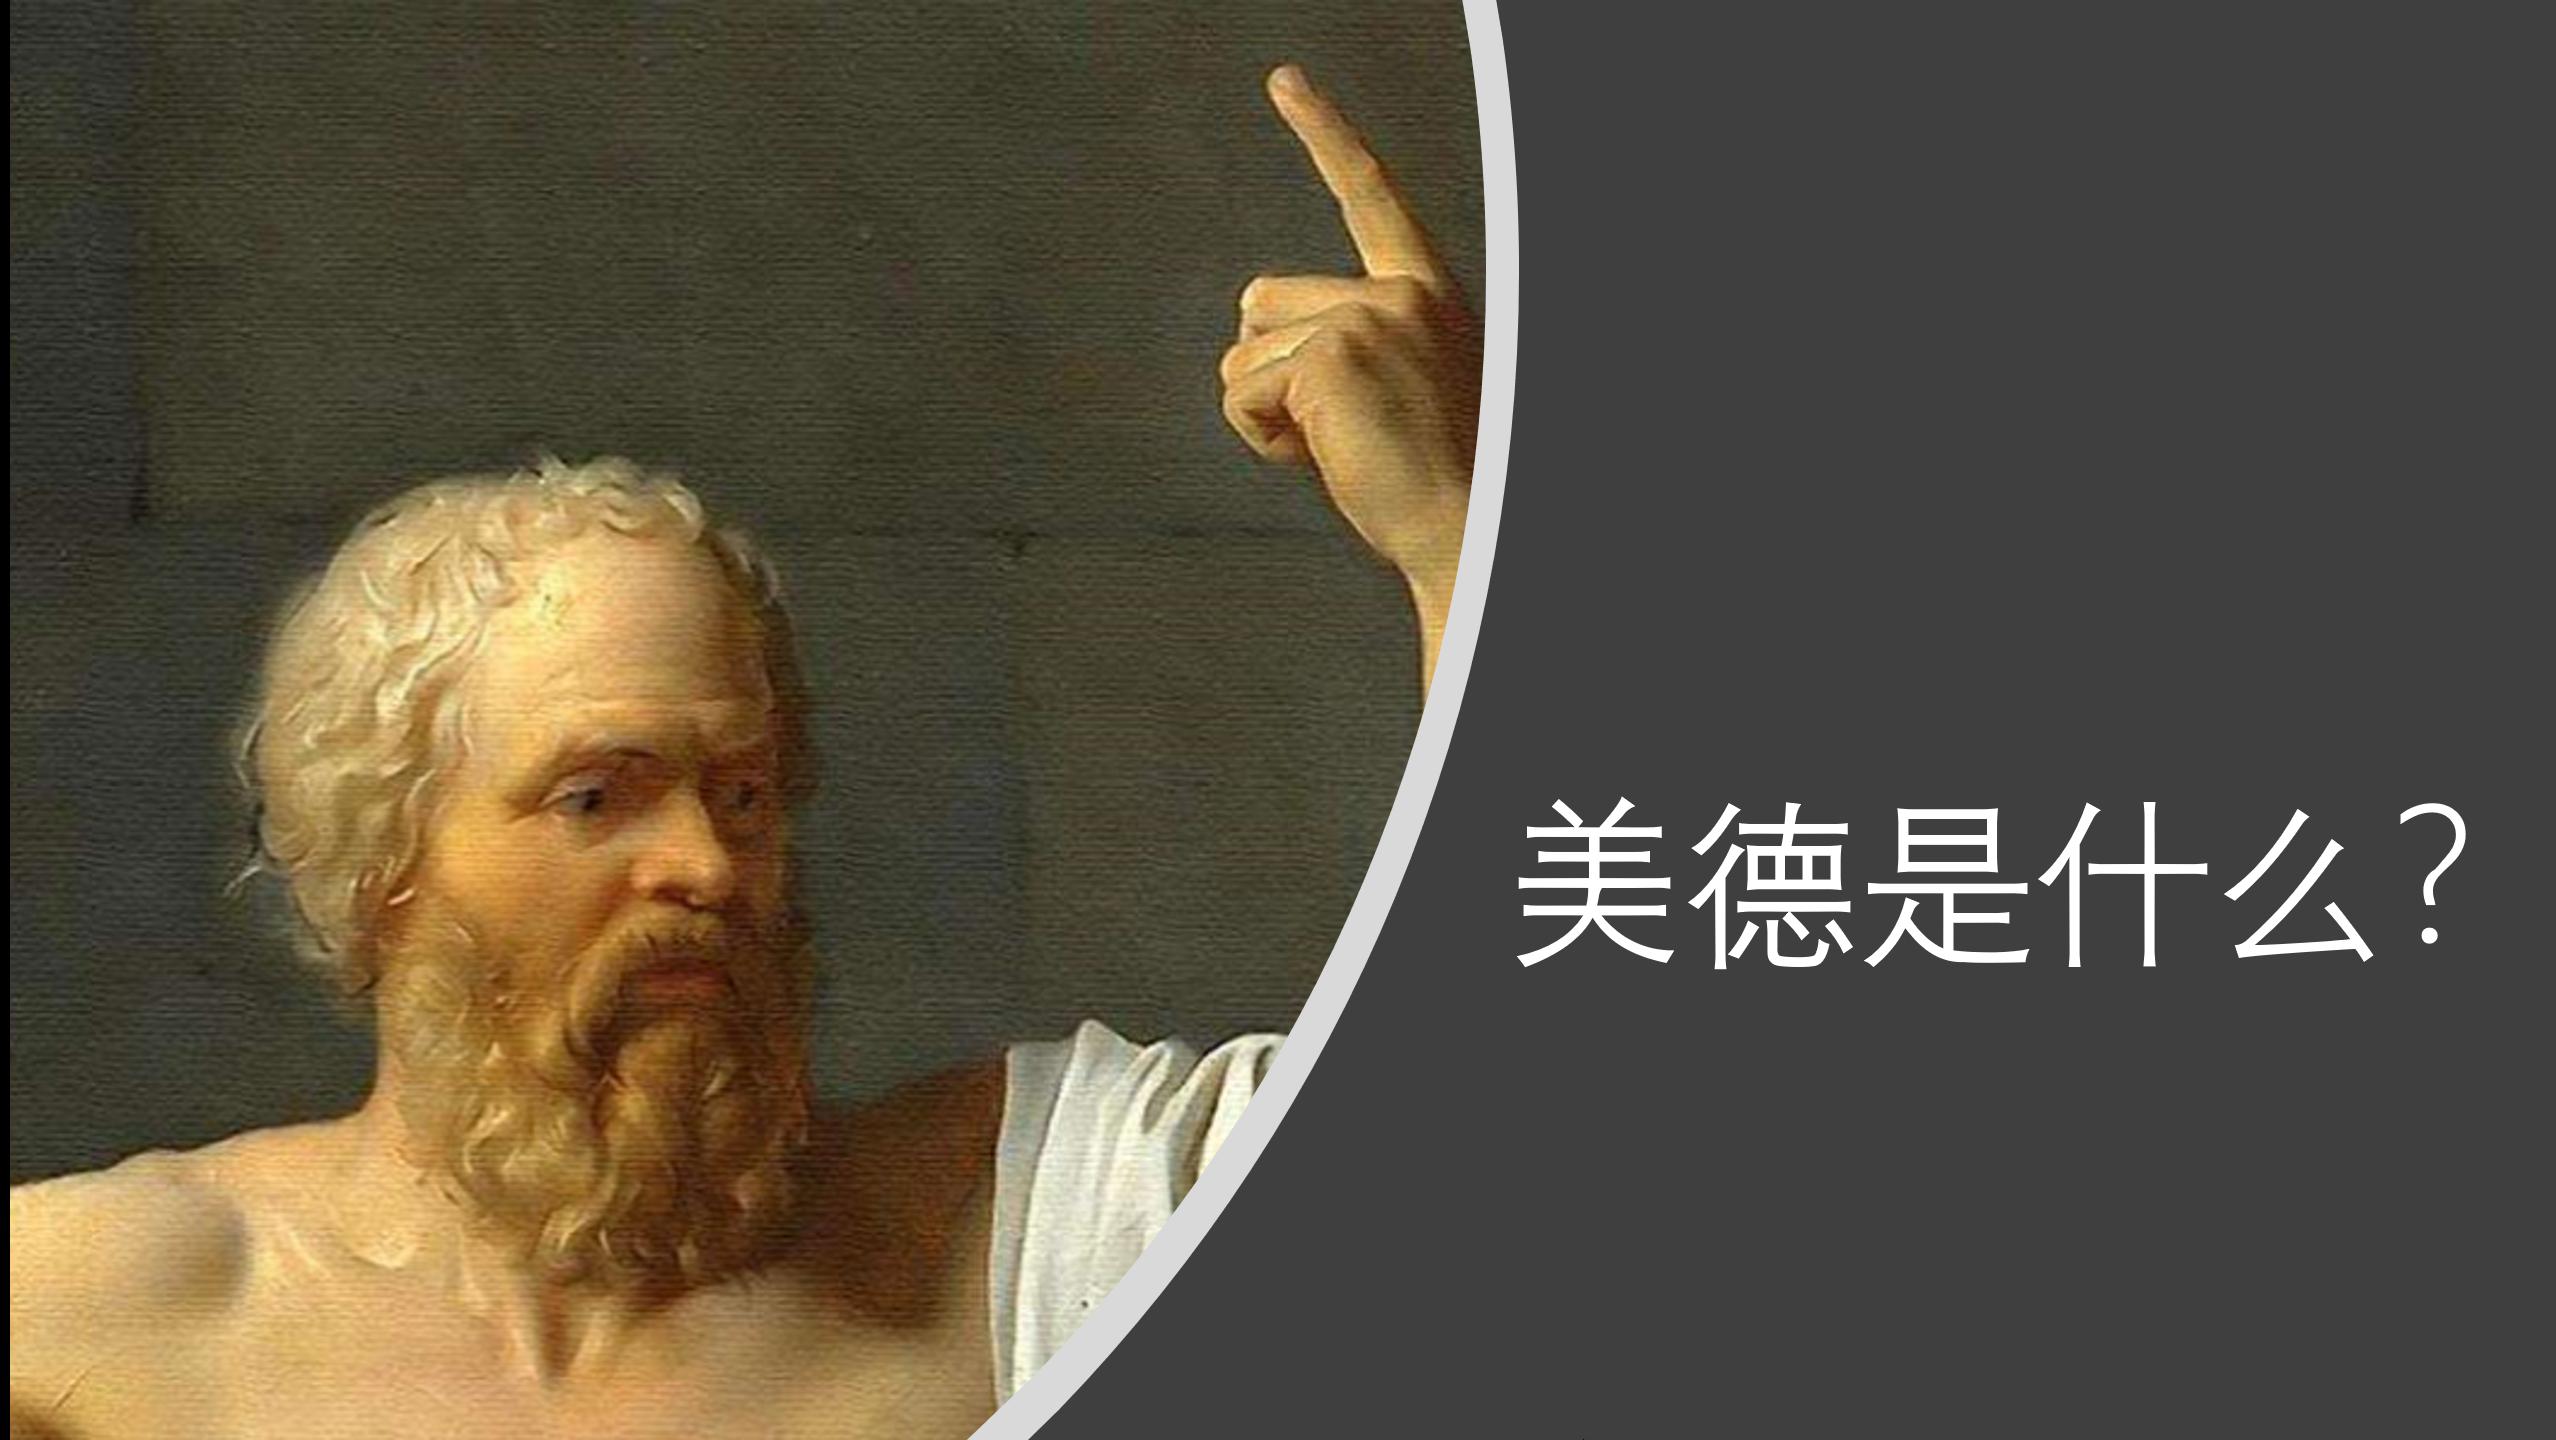 坤鹏论:读《美诺篇》学习苏格拉底的定义法(一)-坤鹏论